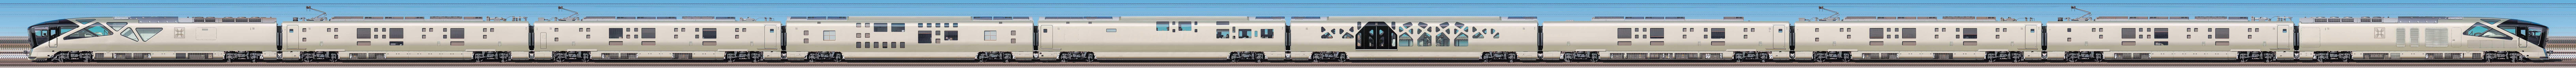 JR東日本E001形「TRAIN SUITE 四季島」(東北本線内山側)の編成サイドビュー